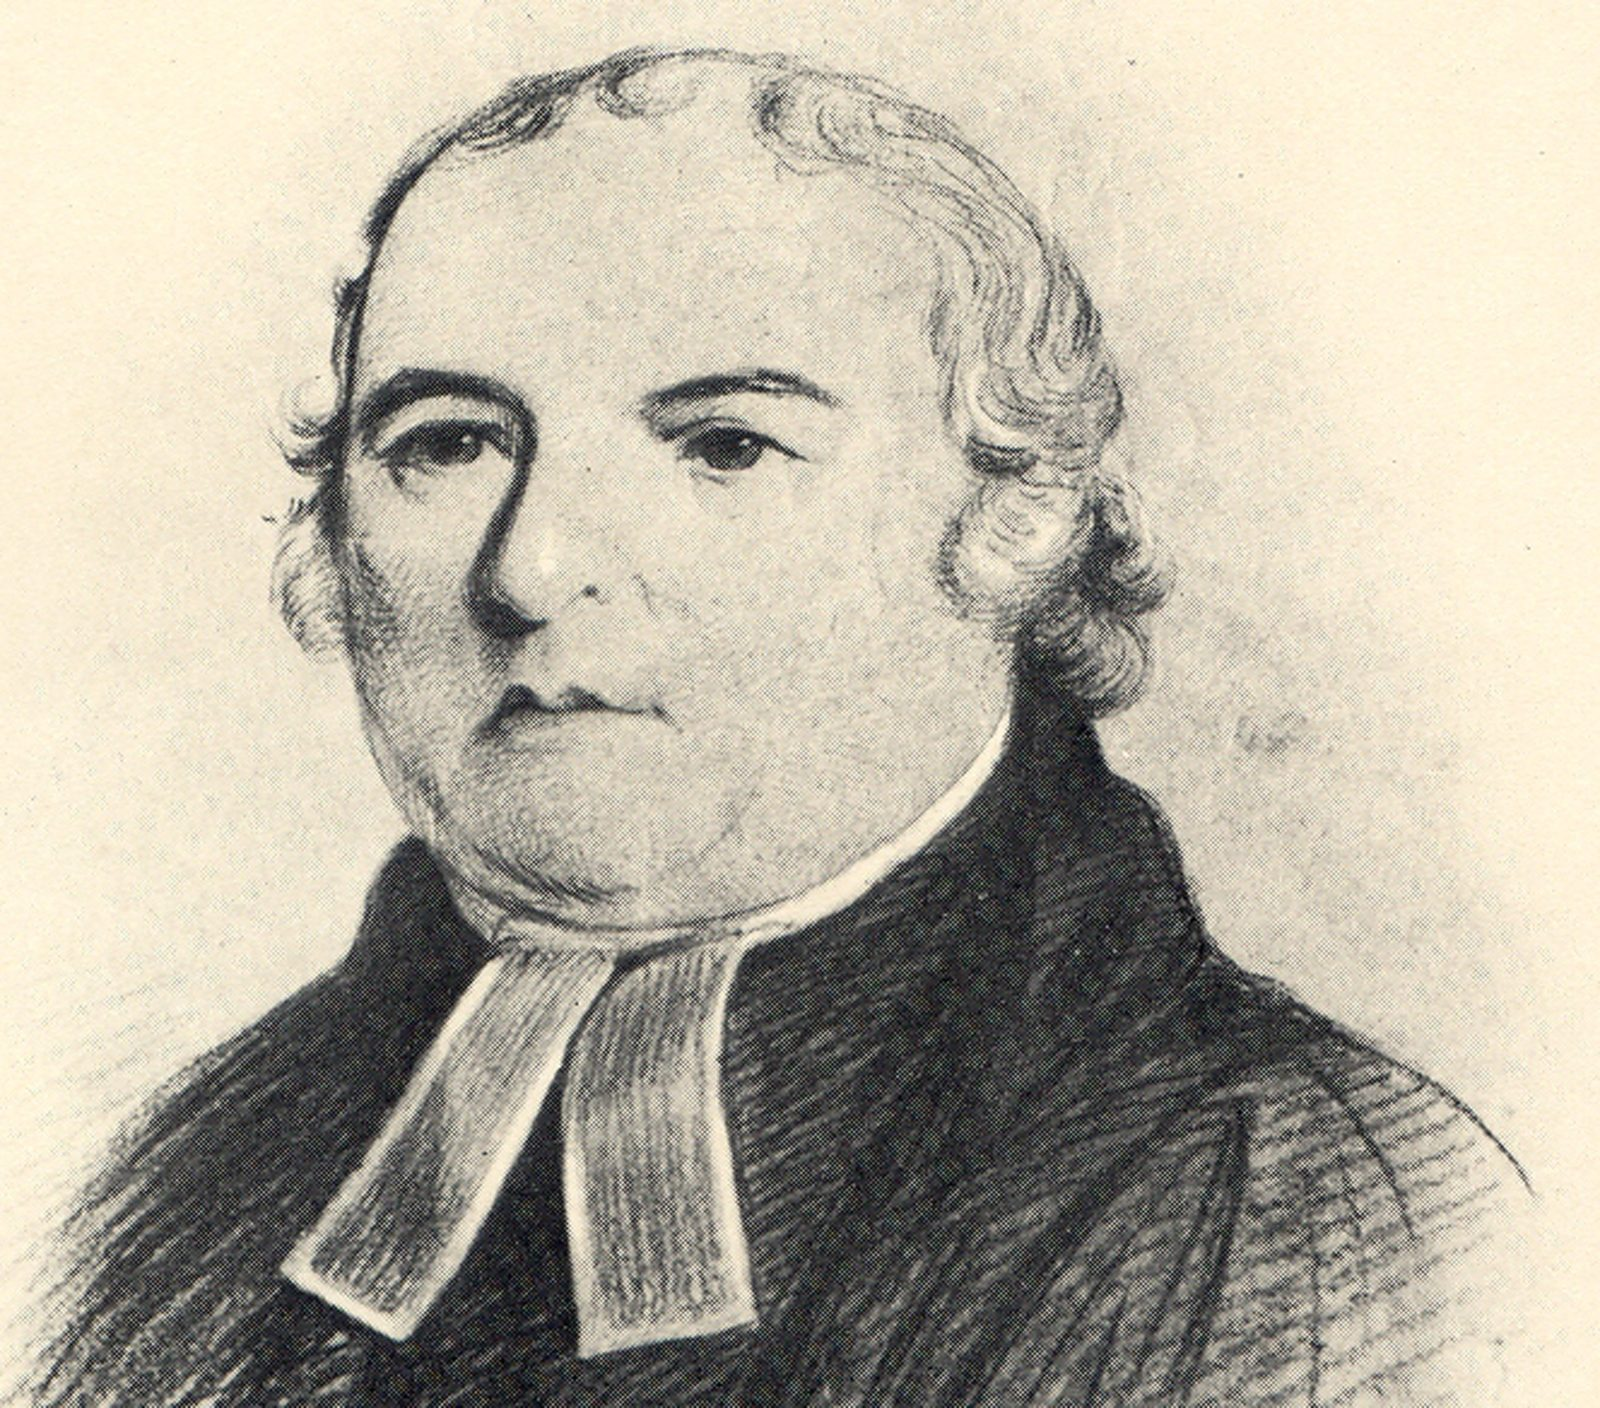 Reverend Samuel Marsden